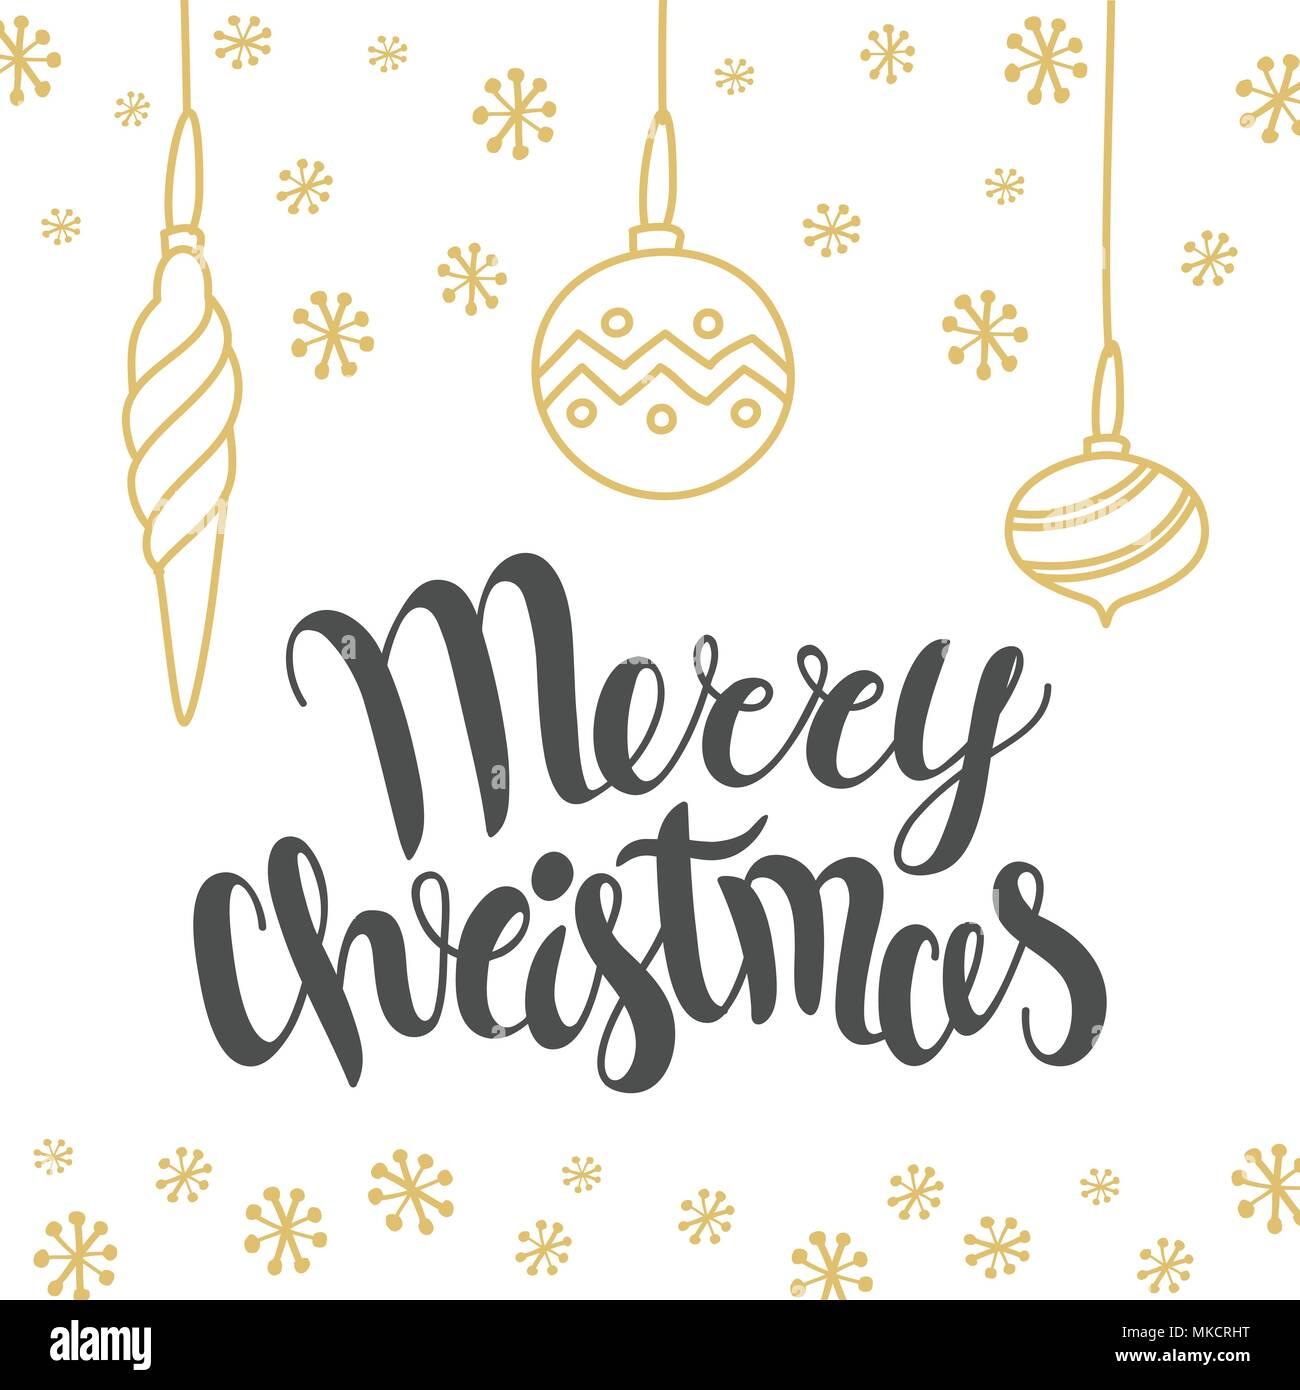 Schriftzug Frohe Weihnachten.Christmas Card Design Mit Schriftzug Frohe Weihnachten Und